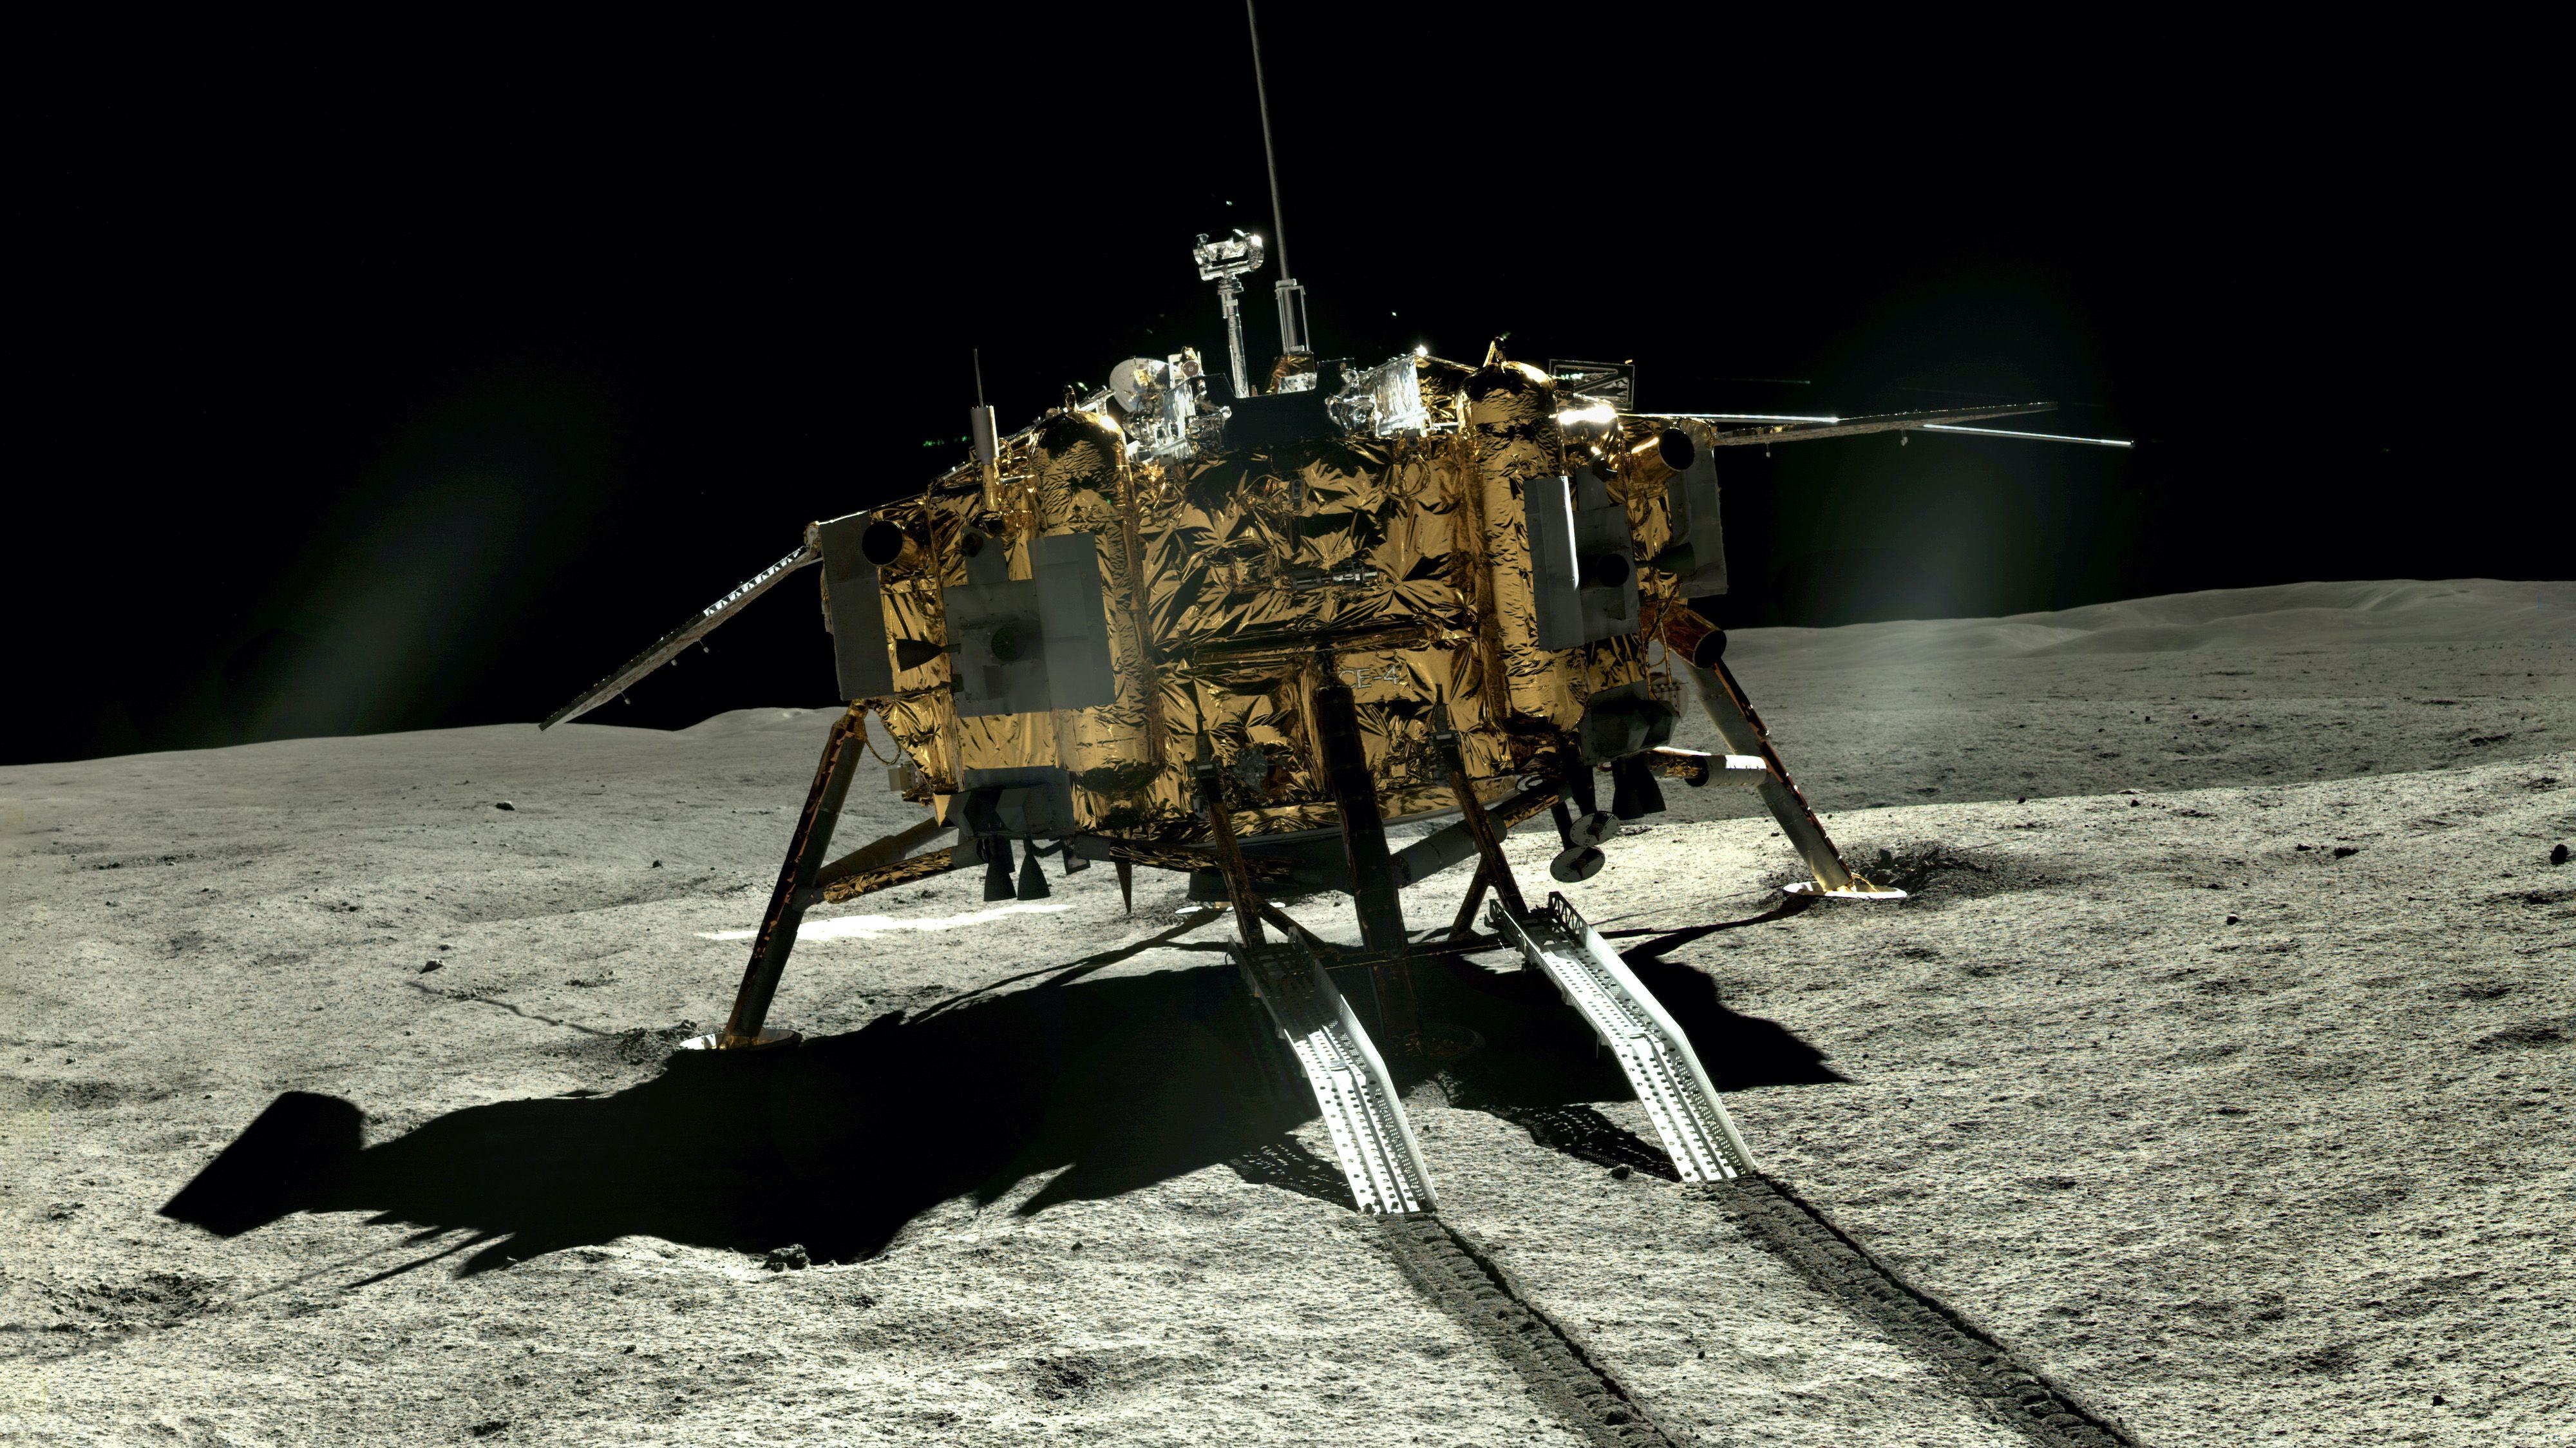 中国、過去最高解像度の「月の裏側」写真を公開